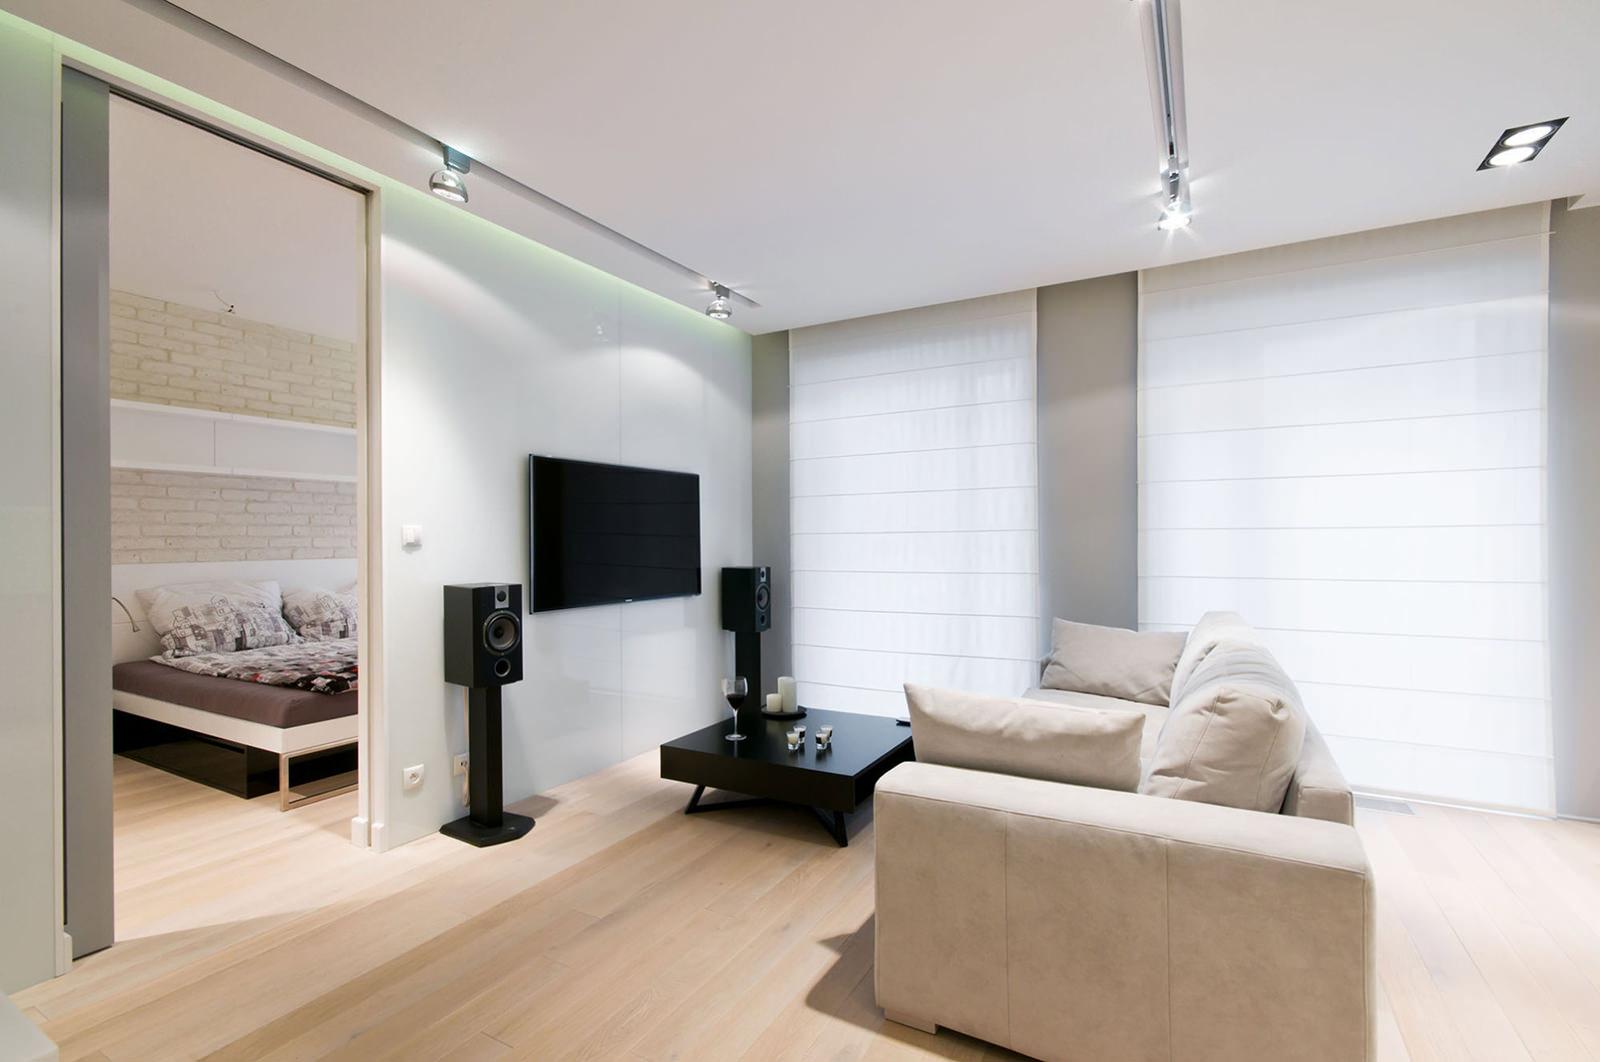 dizajn-kvartiry-v-svetlykh-tonakh-ot-hola-design15